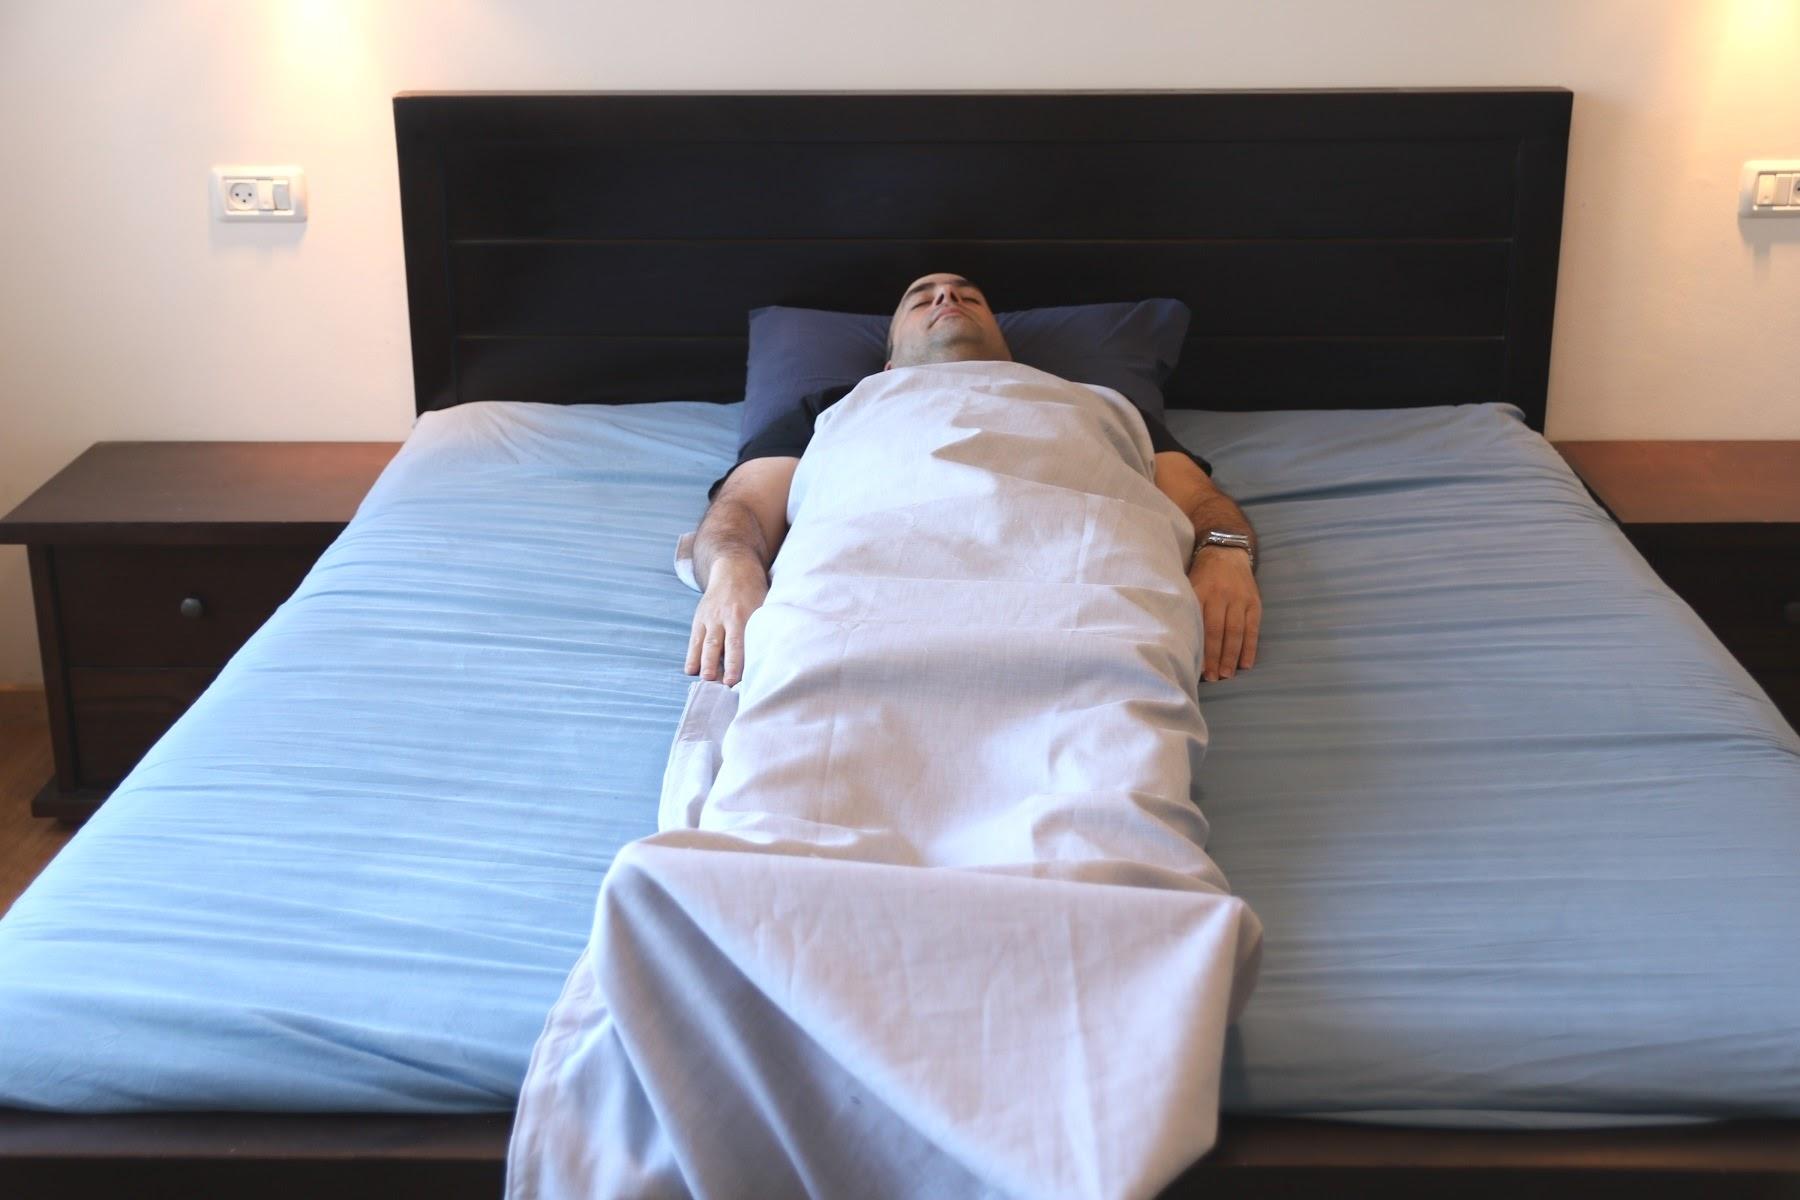 שק שינה מבד חוסם קרינת רדיו